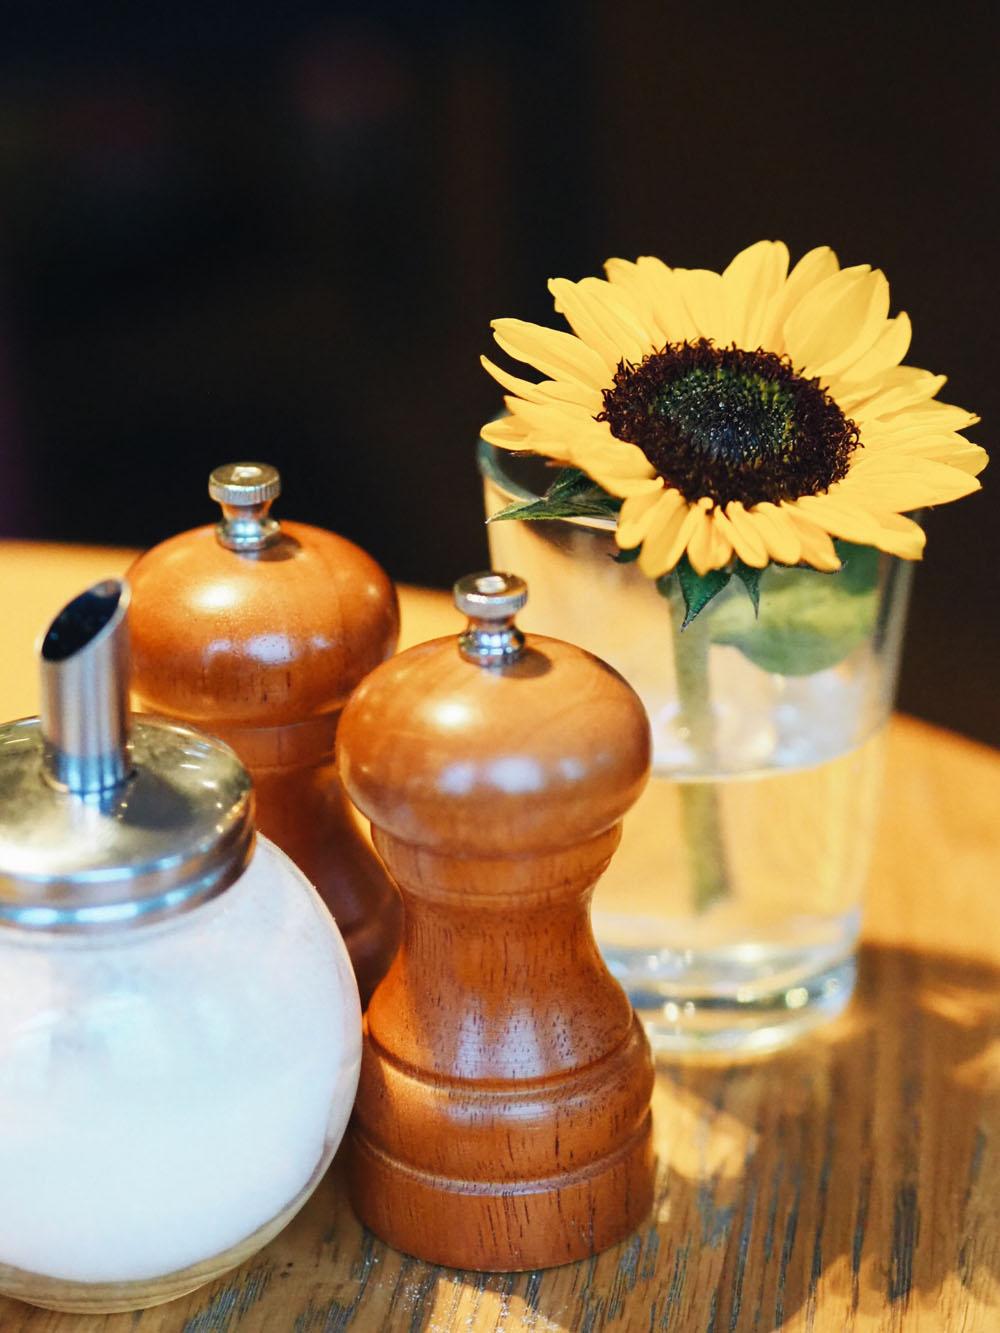 mercurecity_munich_restaurant_relax_gastroguide